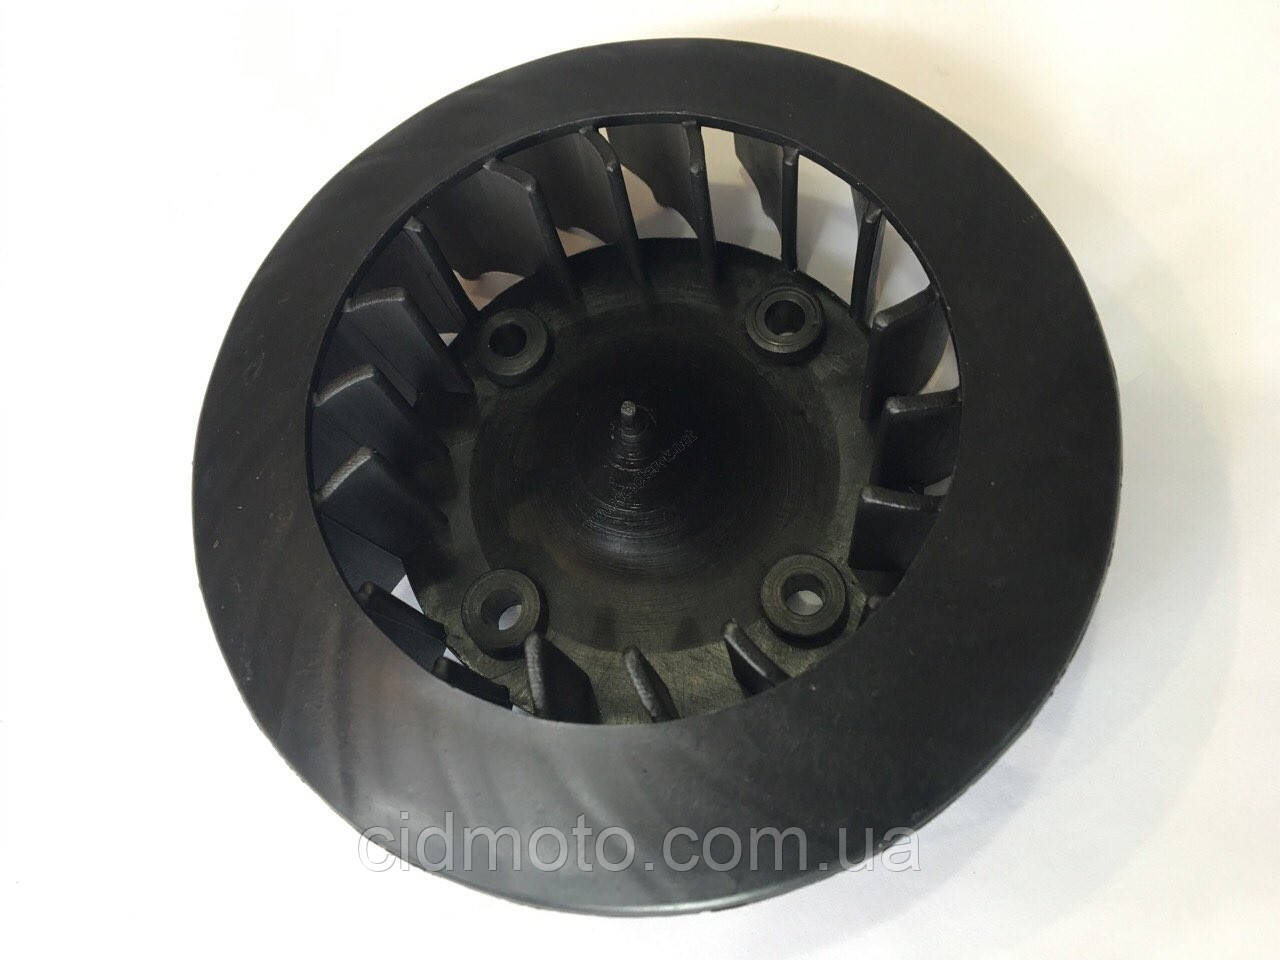 Крыльчатка охлаждения ЦПГ двигателя DIO 18-27